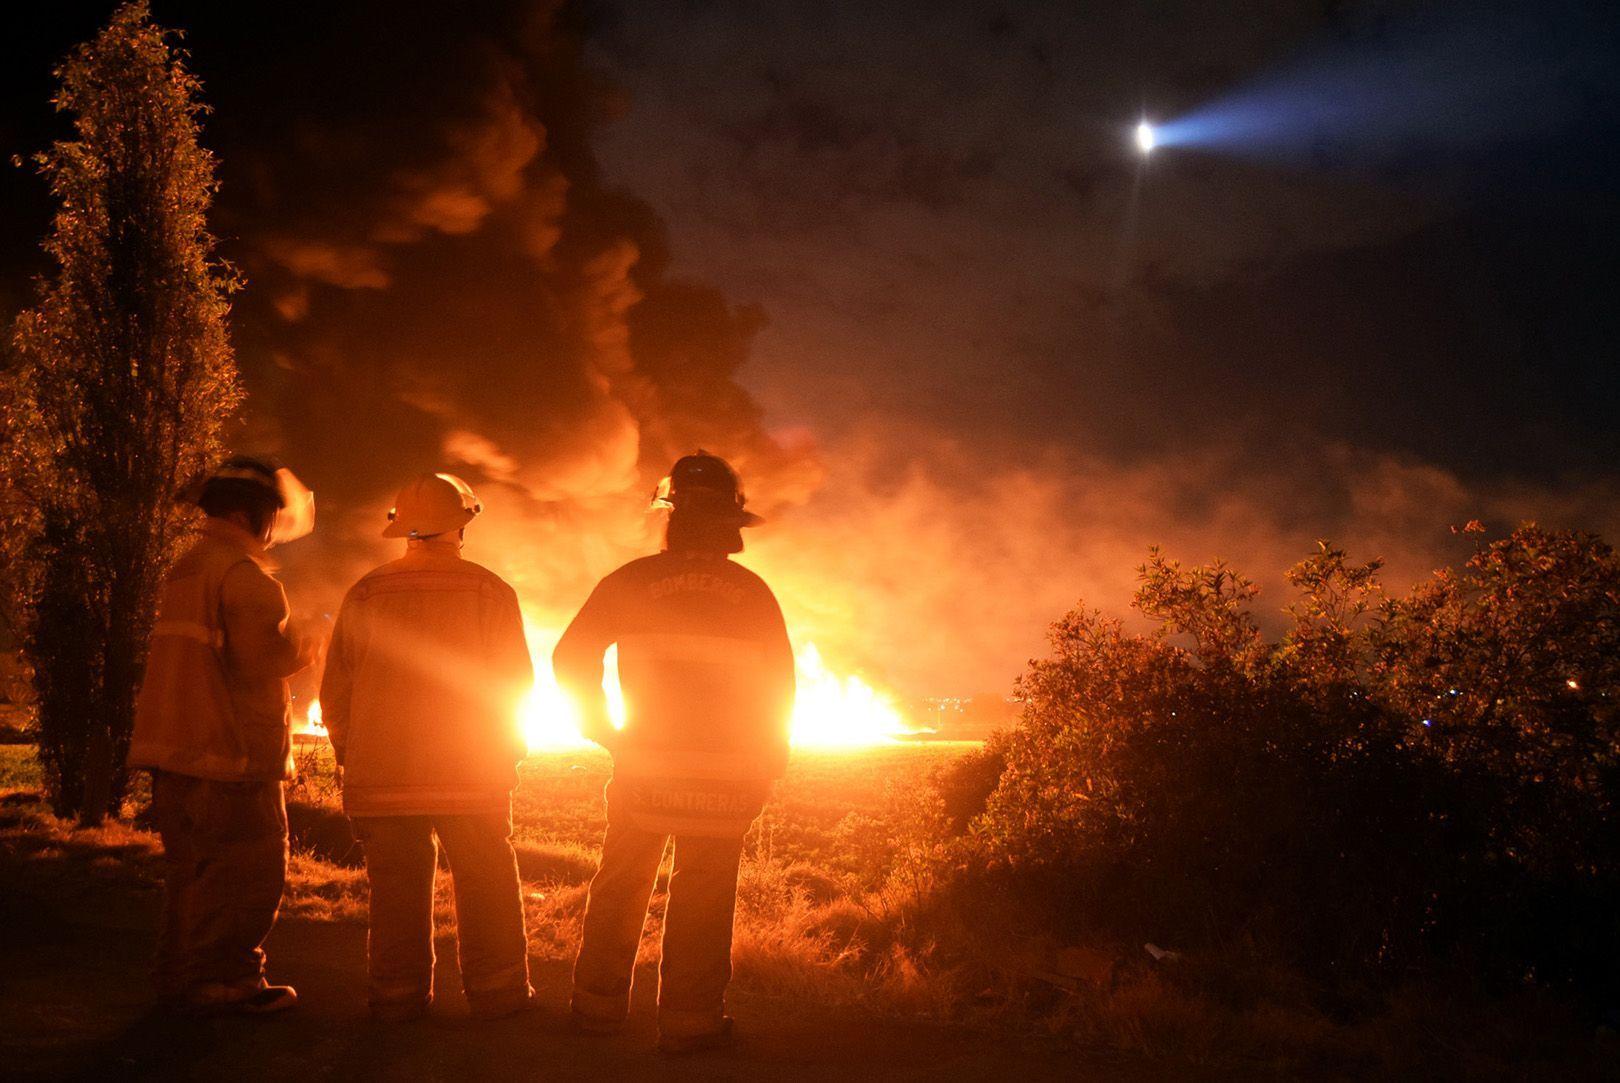 Mexique | Tlahuelilpan : Violente explosion meurtrière d'un oléoduc [Vidéos]